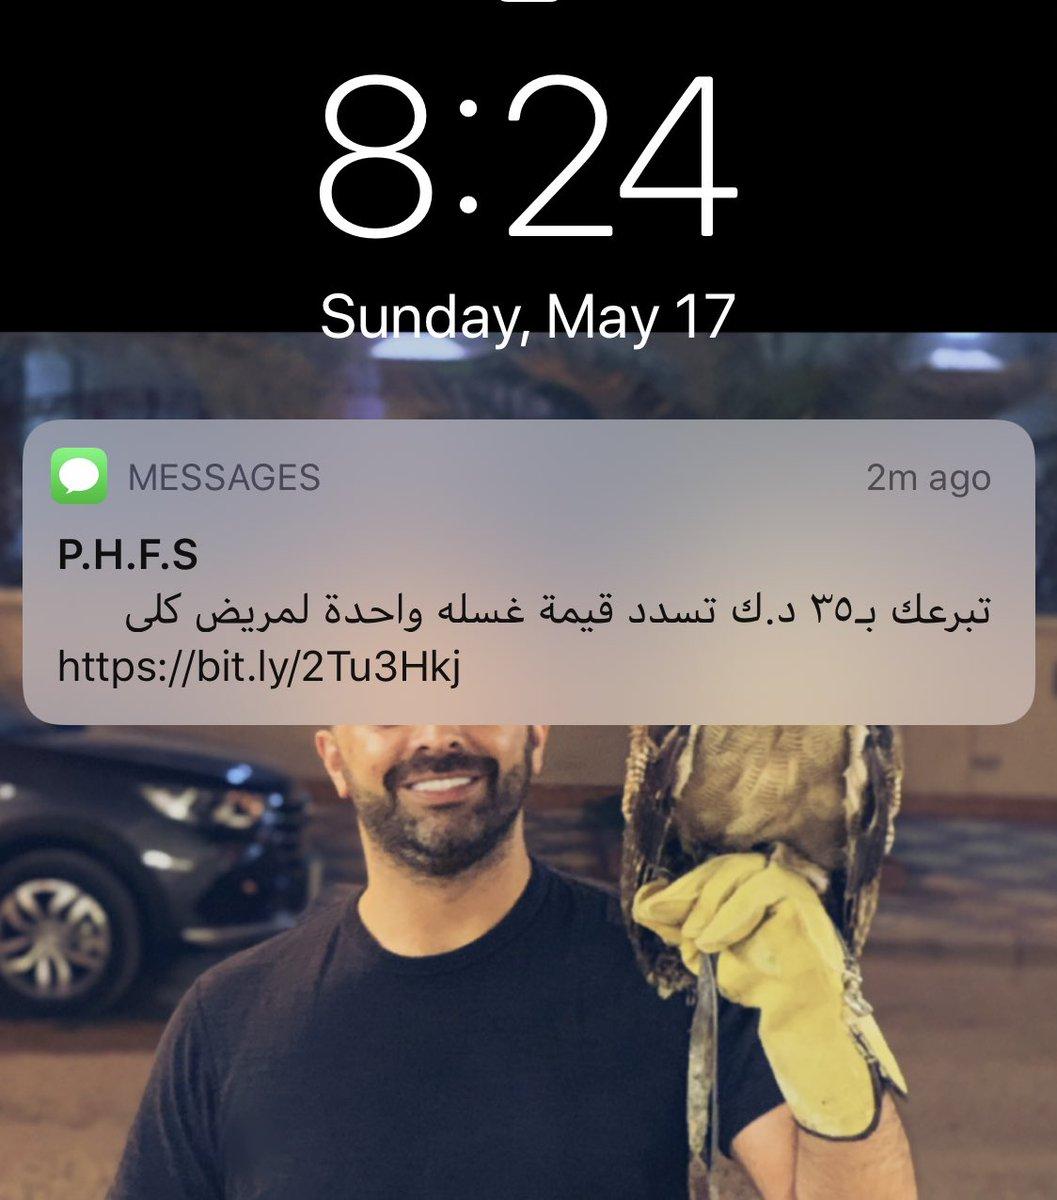 مع حمد قلم على تويتر صبت عظامي لحد يدزلي مسجات عبالي المسح العشوائي